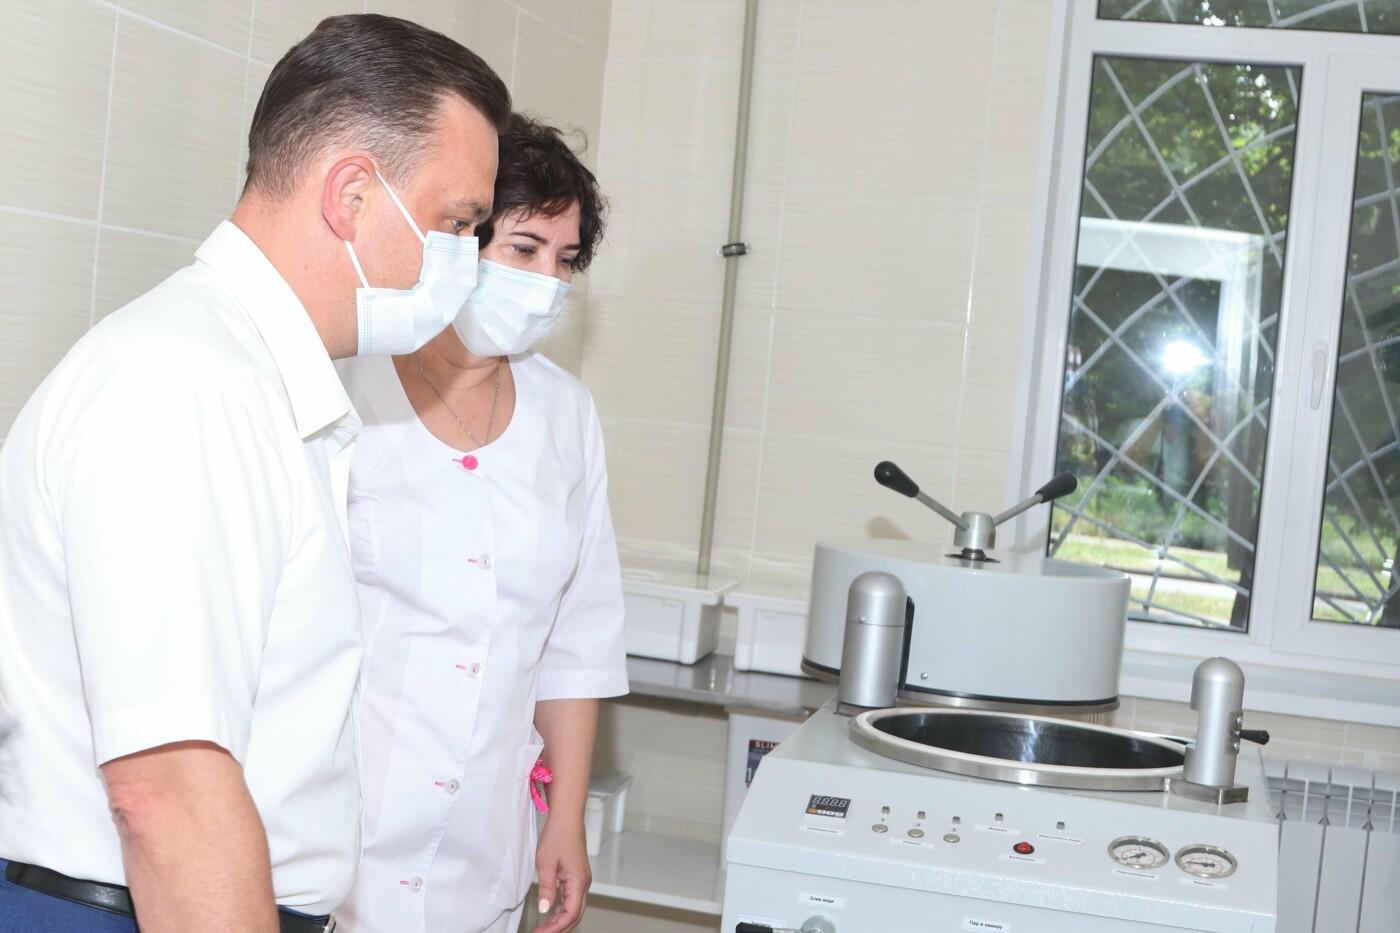 Мер К. Павлов: Продовжуємо зміцнювати діагностичну базу медзакладів міста - лабораторія в інфекційній лікарні  створена для більш ефектив..., фото-3